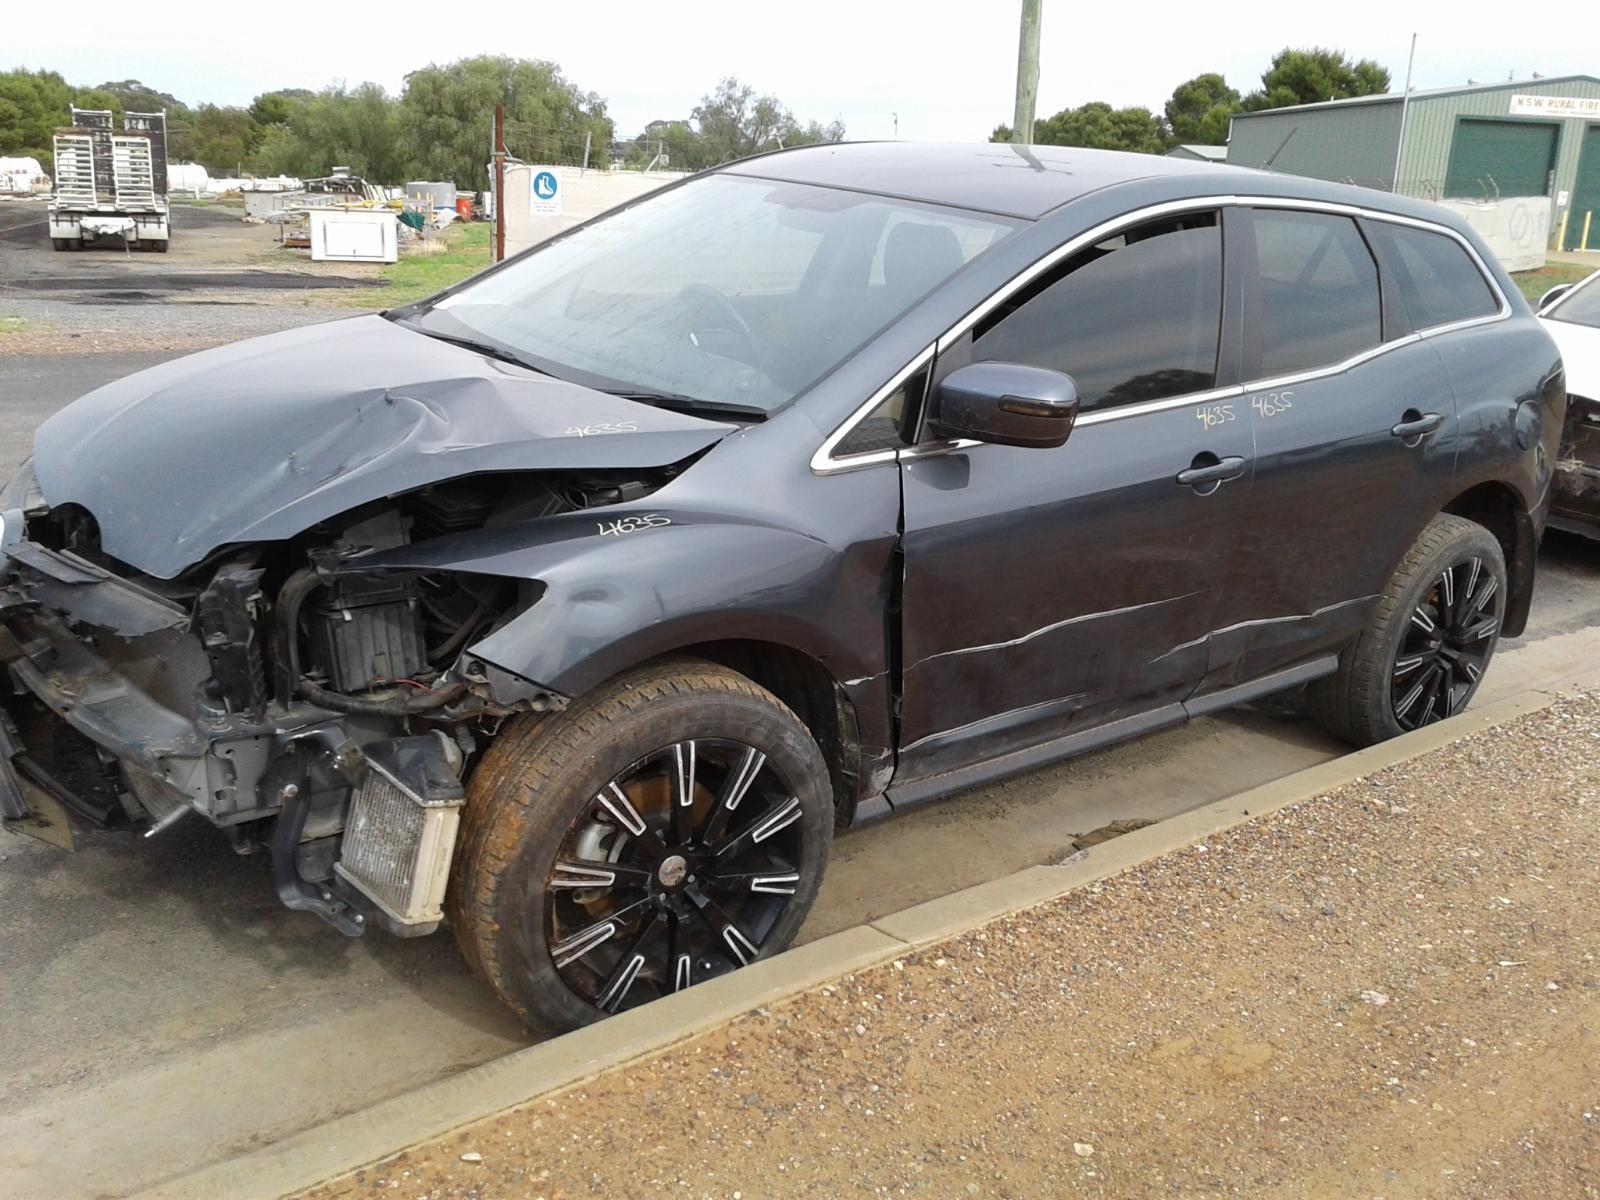 Ecu Cx7 Mazda 2011